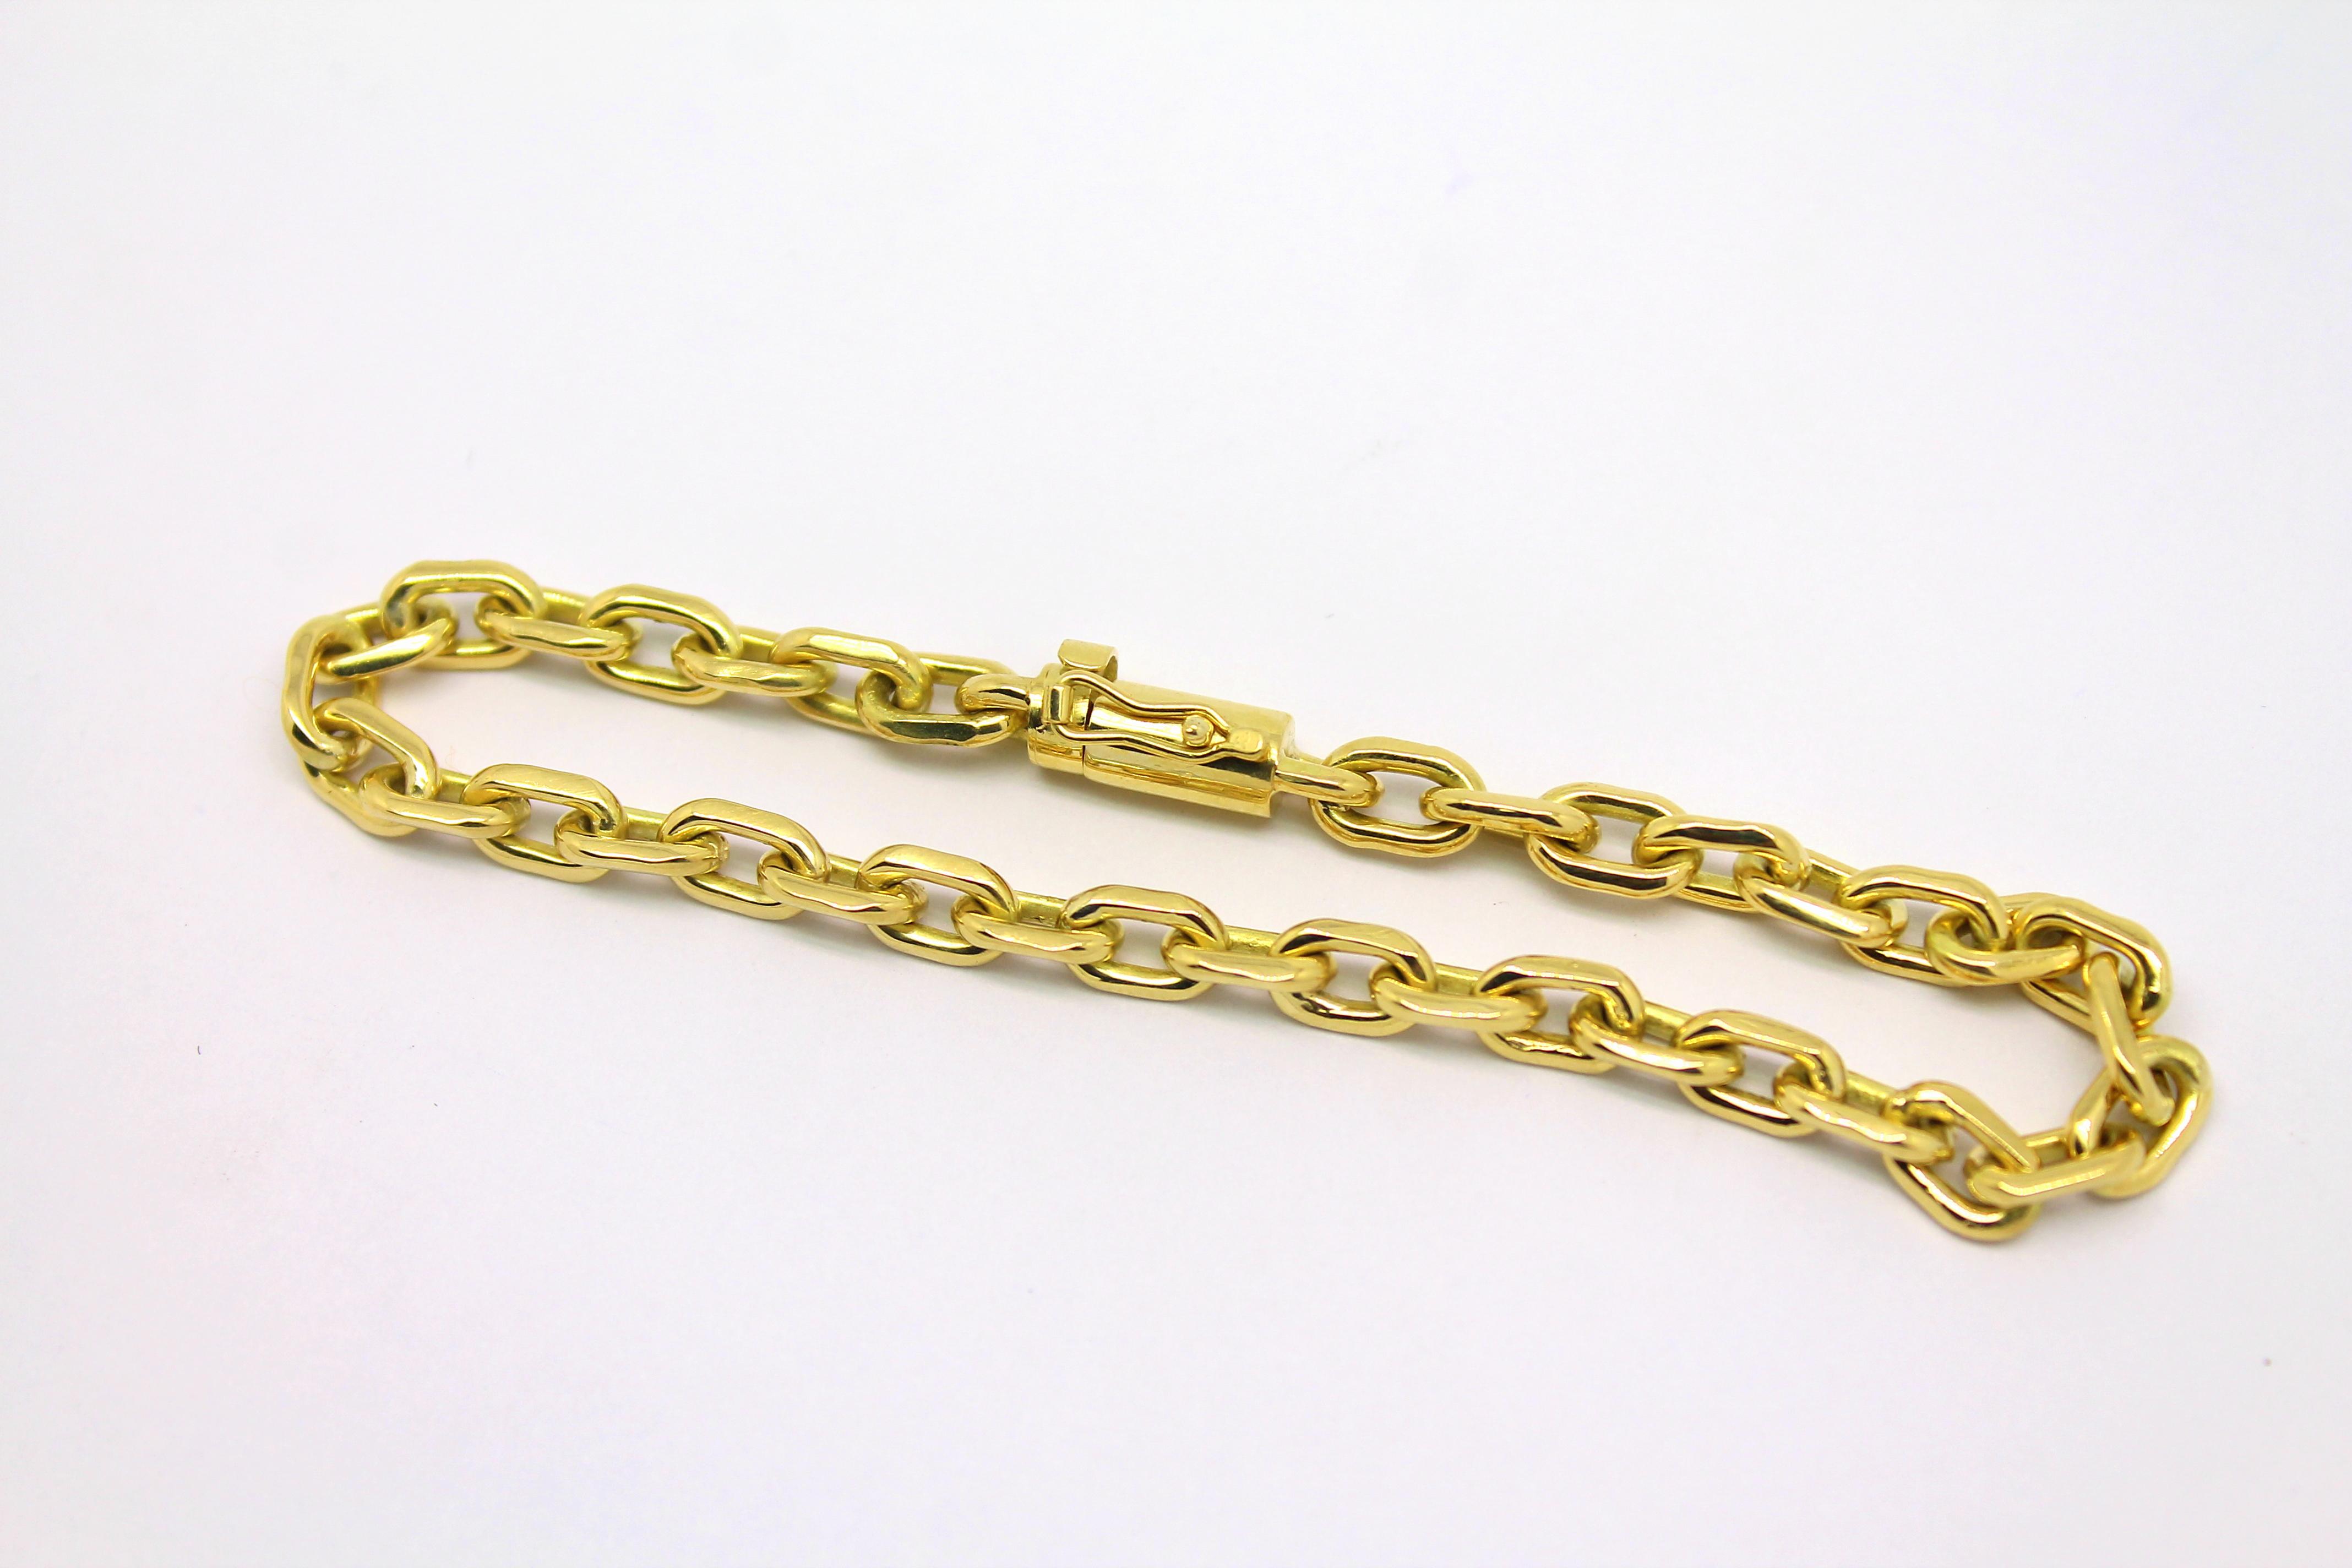 89e1a333593 Pulseira Cartier 20 gramas Masculina Ouro 18k 750 - Marcio ...